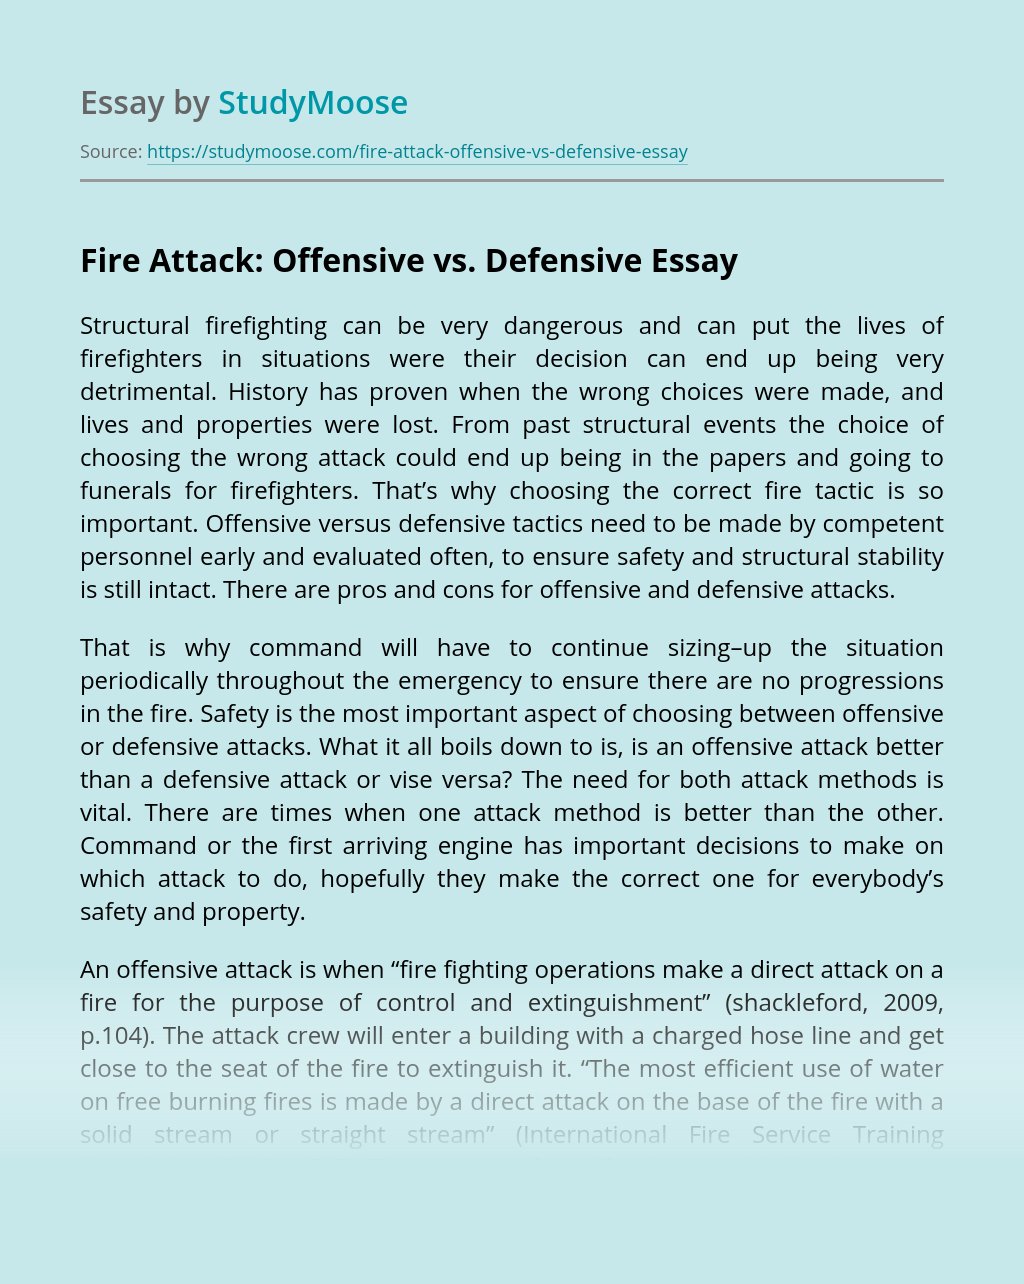 Fire Attack: Offensive vs. Defensive